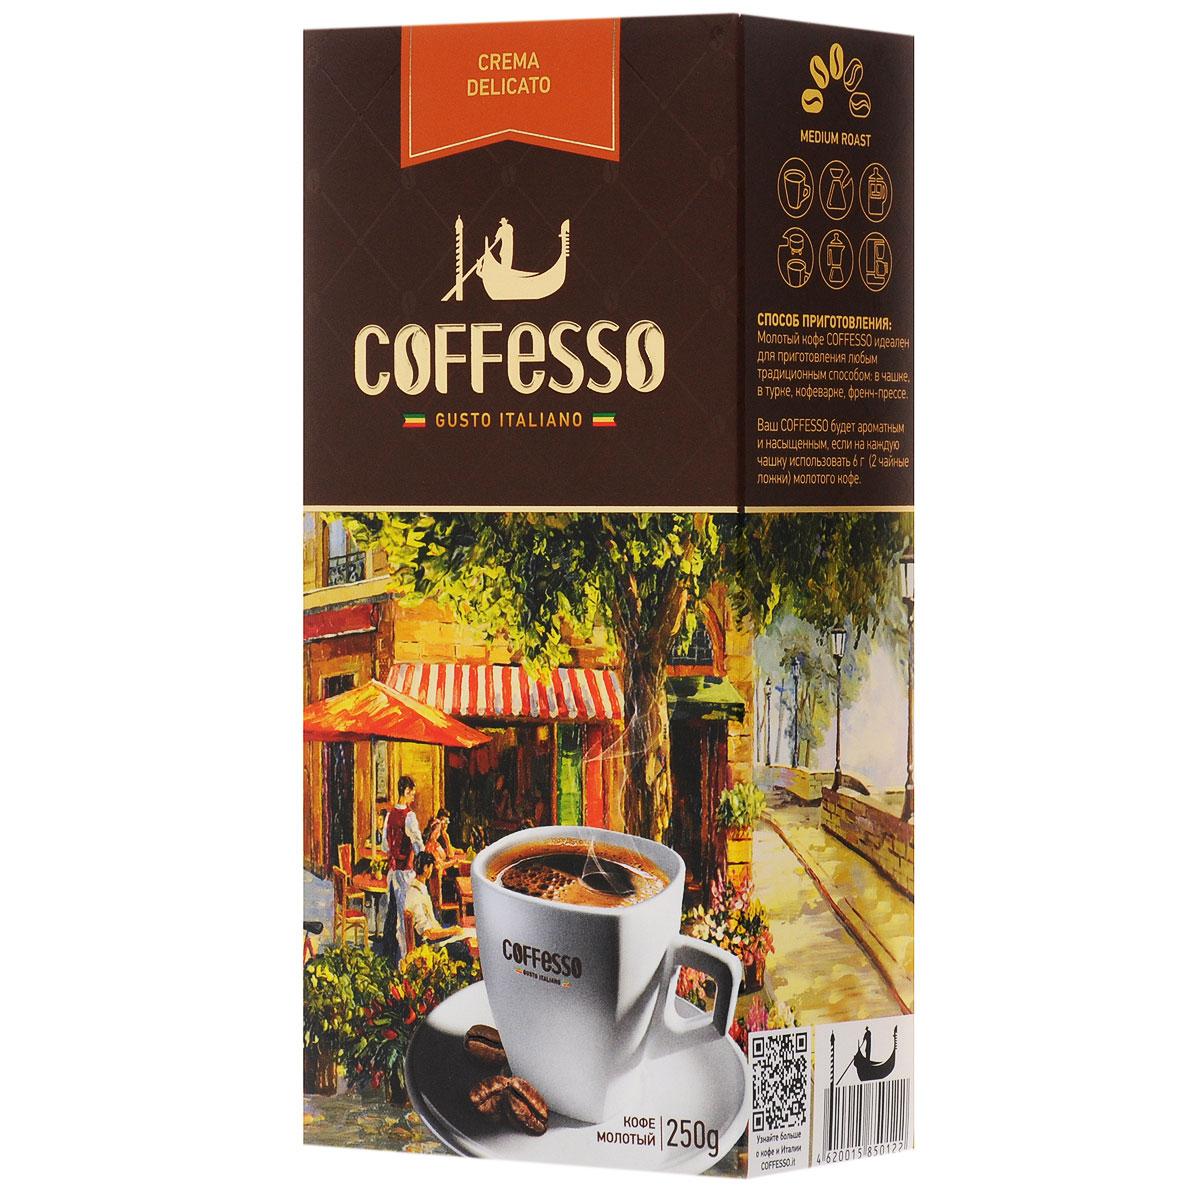 Coffesso Crema Delicato кофе молотый, 250 г710100Сбалансированная обжарка отборных сортов кофе Coffesso Crema Delicato создает изысканный вкус и утонченный аромат. Идеально сочетается со сливками или молоком.